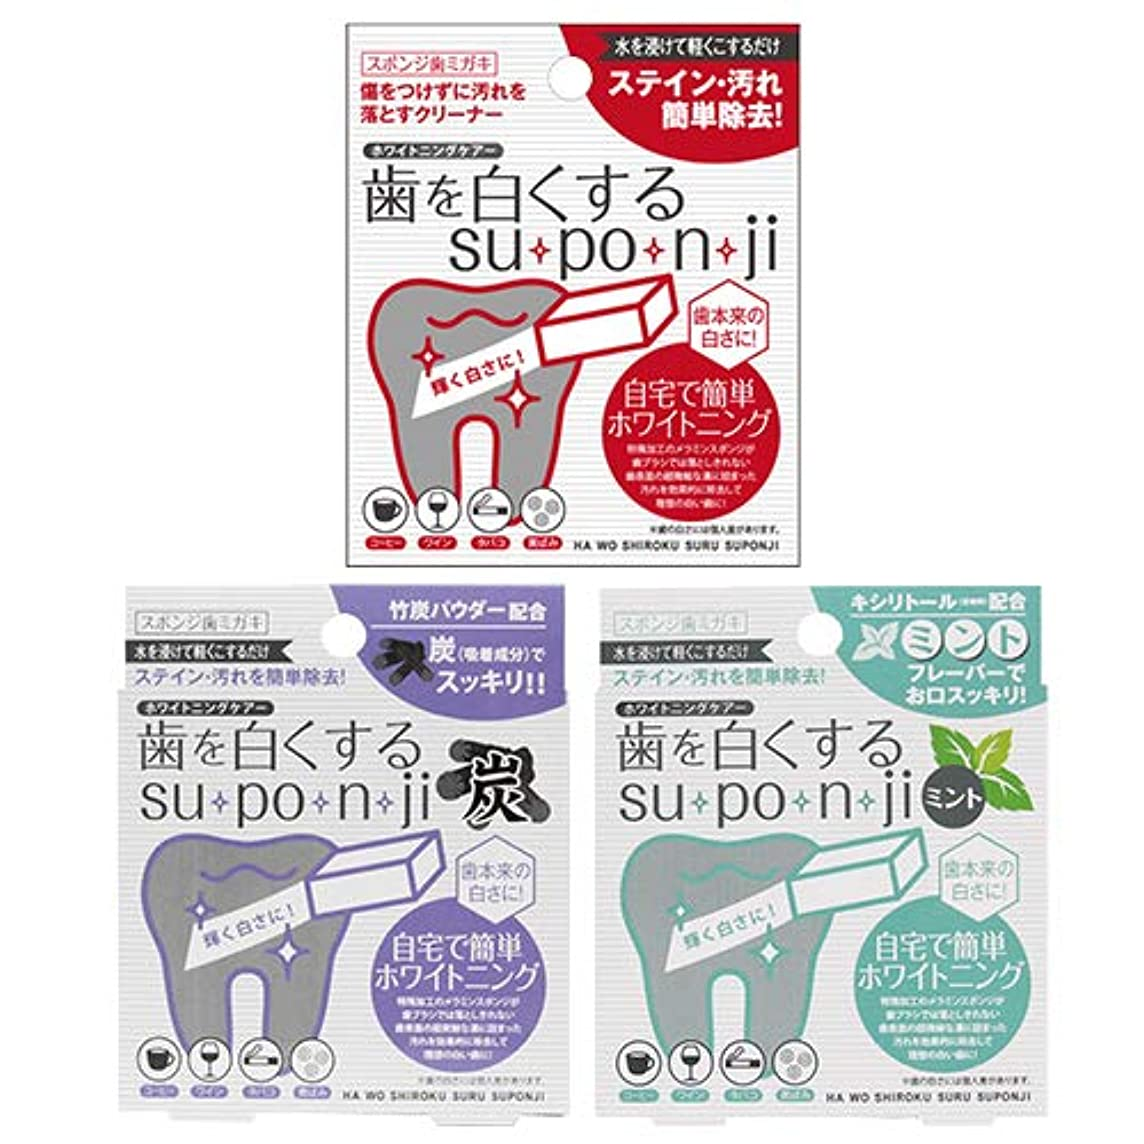 歯を白くする su?po?n?ji 炭 スポンジ 歯みがき レギュラー+ミント+炭 3点セット + マウスウォッシュリブレ10ml